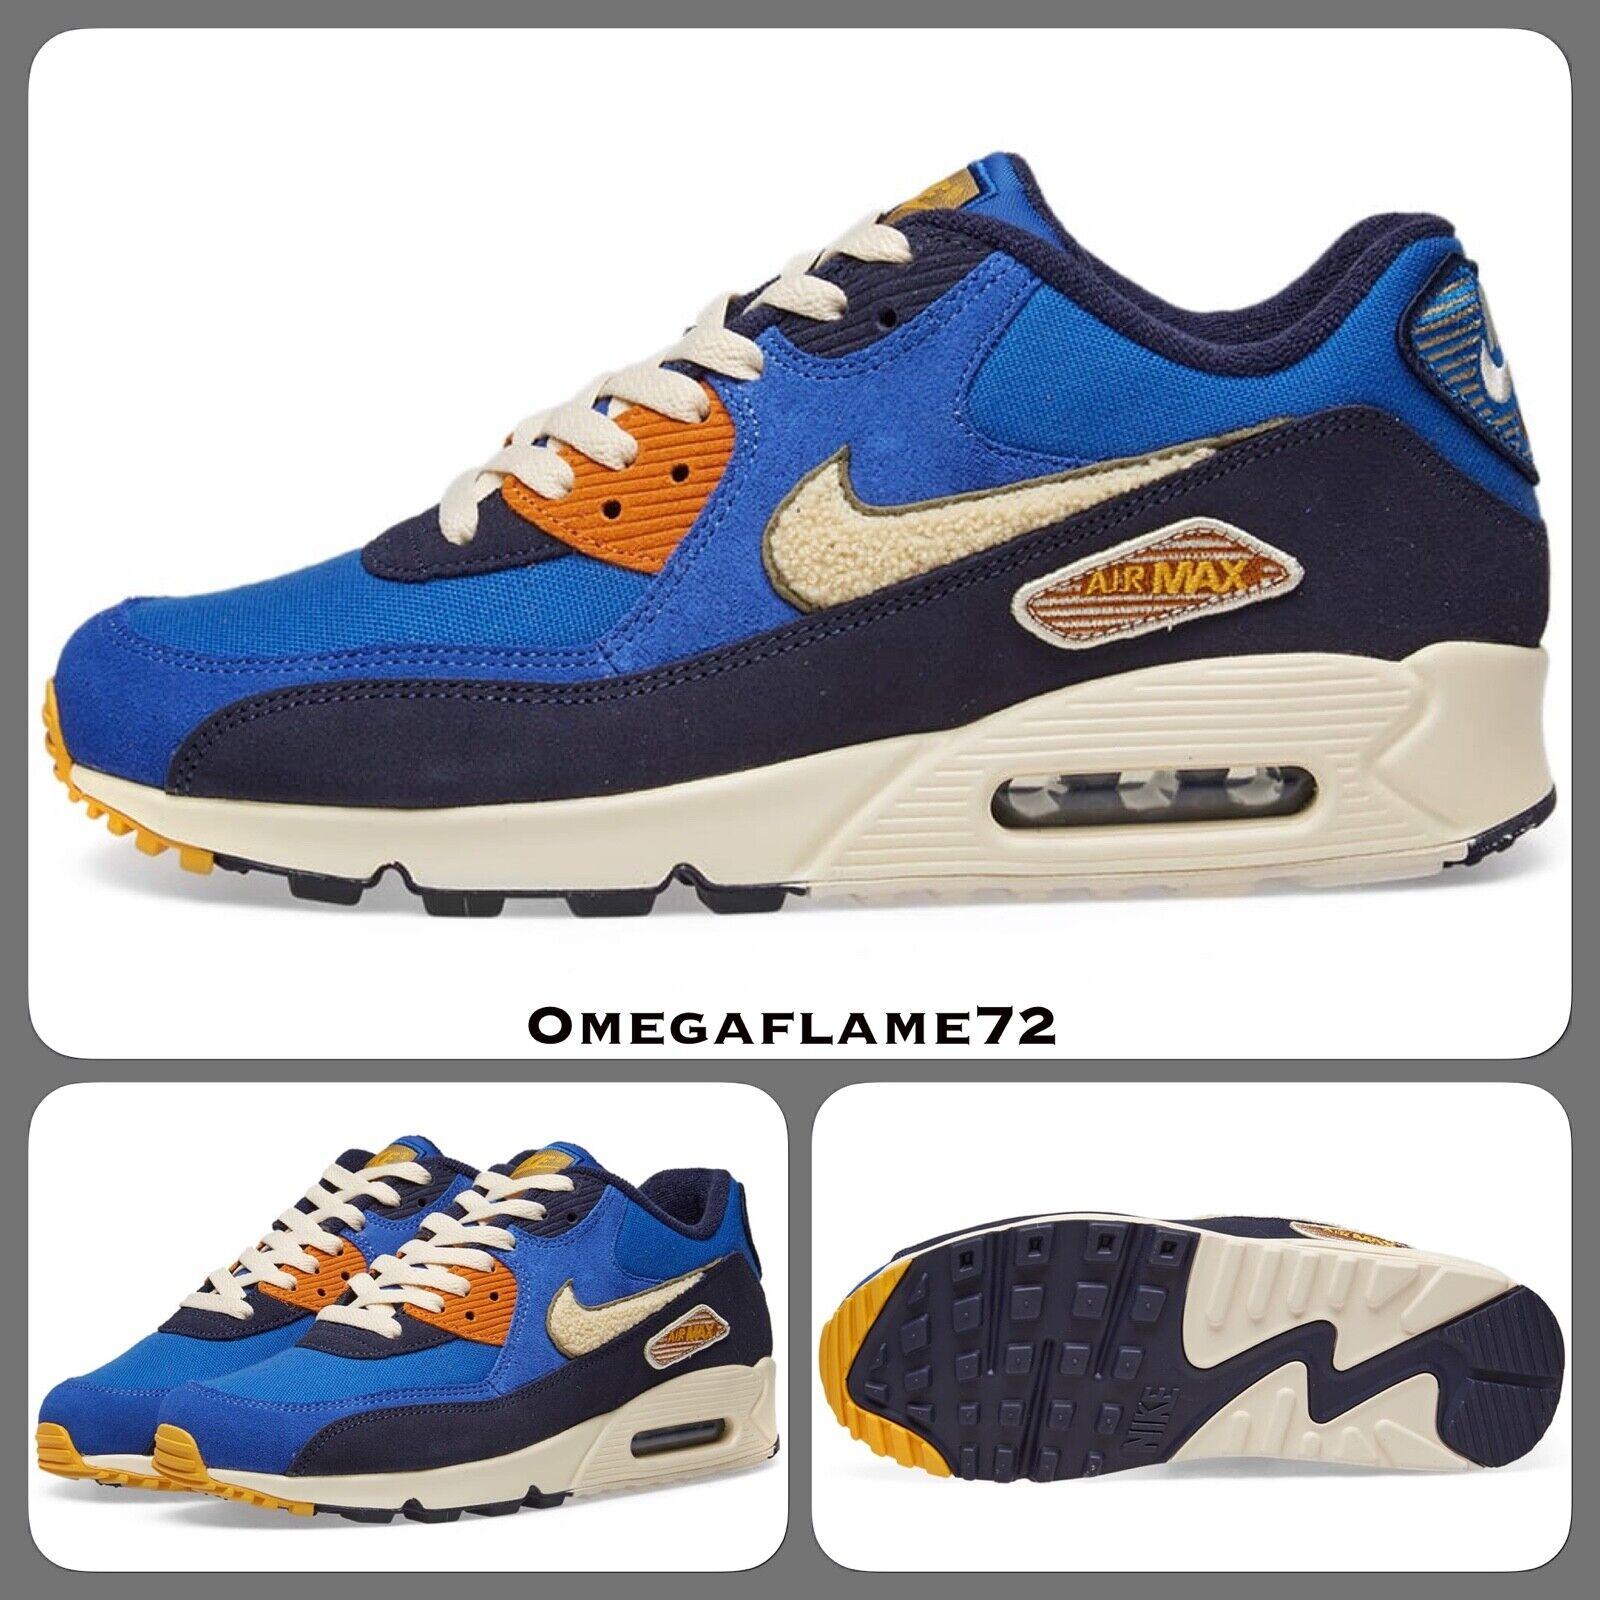 Nike Air Max 90 Premium, 858954-400, UK 6, EU 40, US 7, Game Royal, Camper